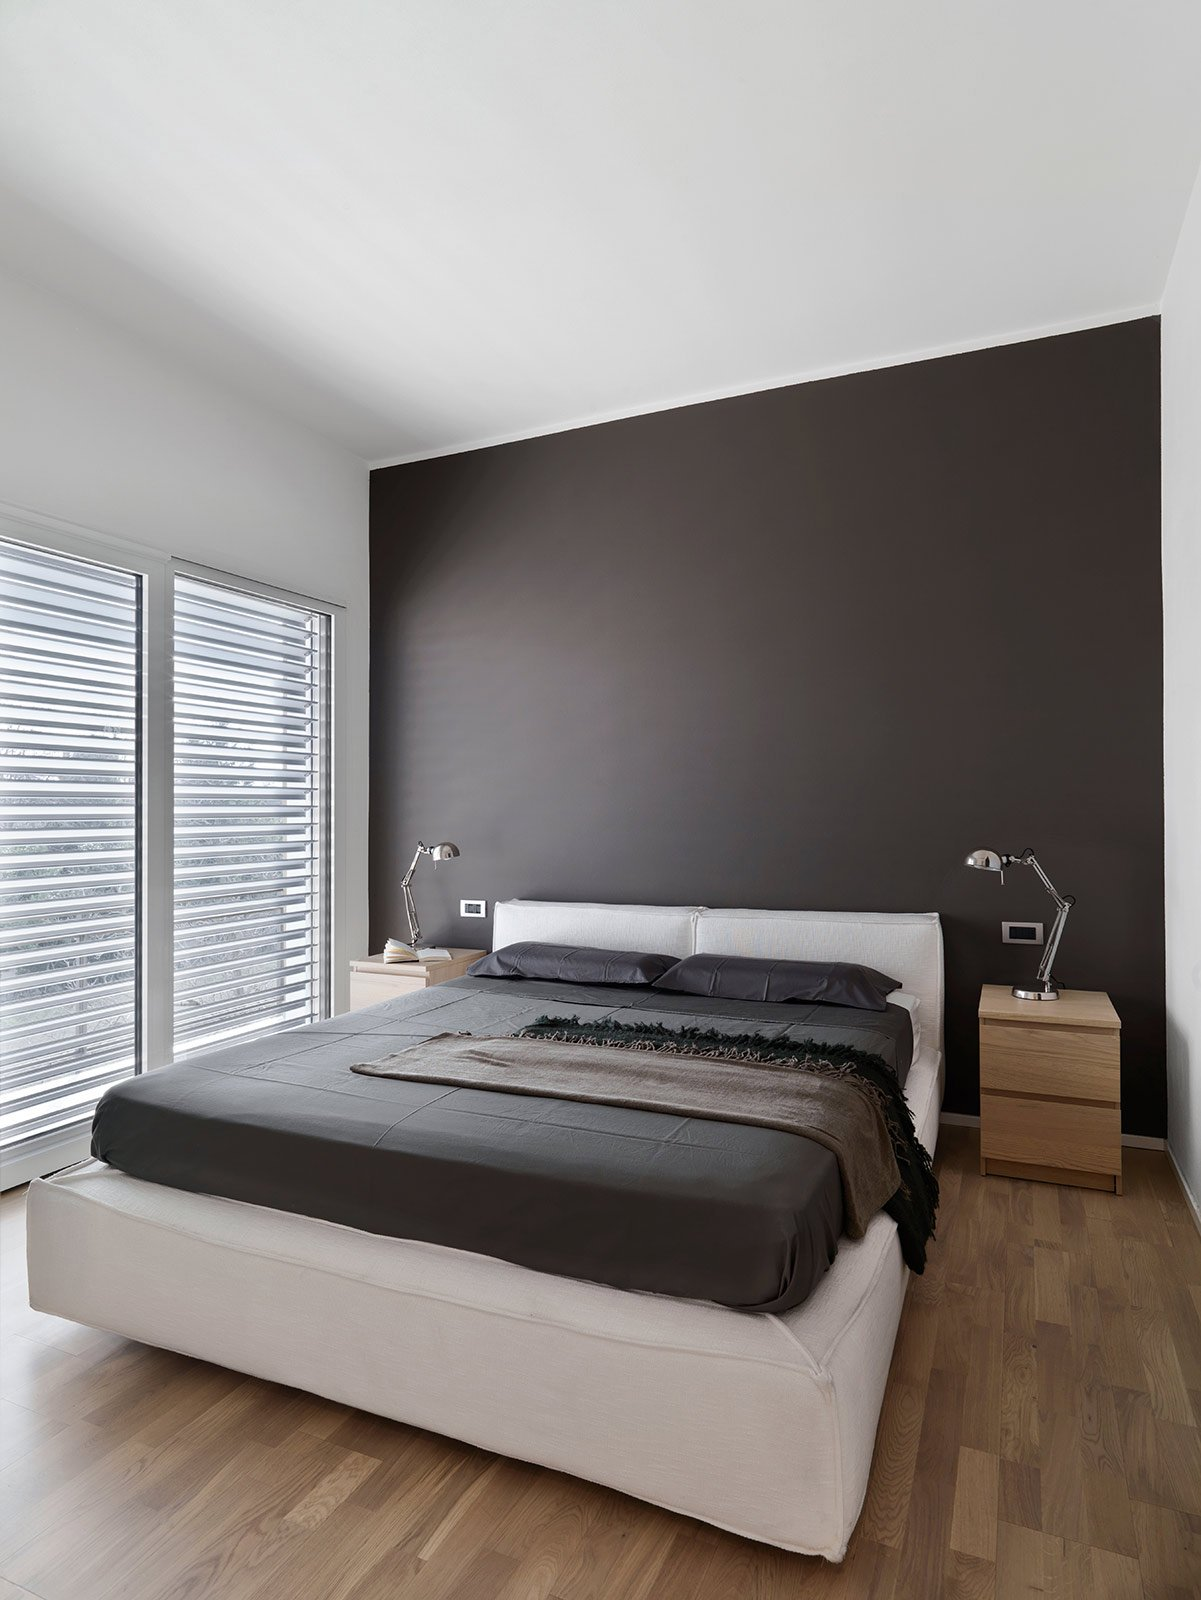 Una casa ristrutturata ridisegnando le prospettive interne - Disegni parete camera da letto ...